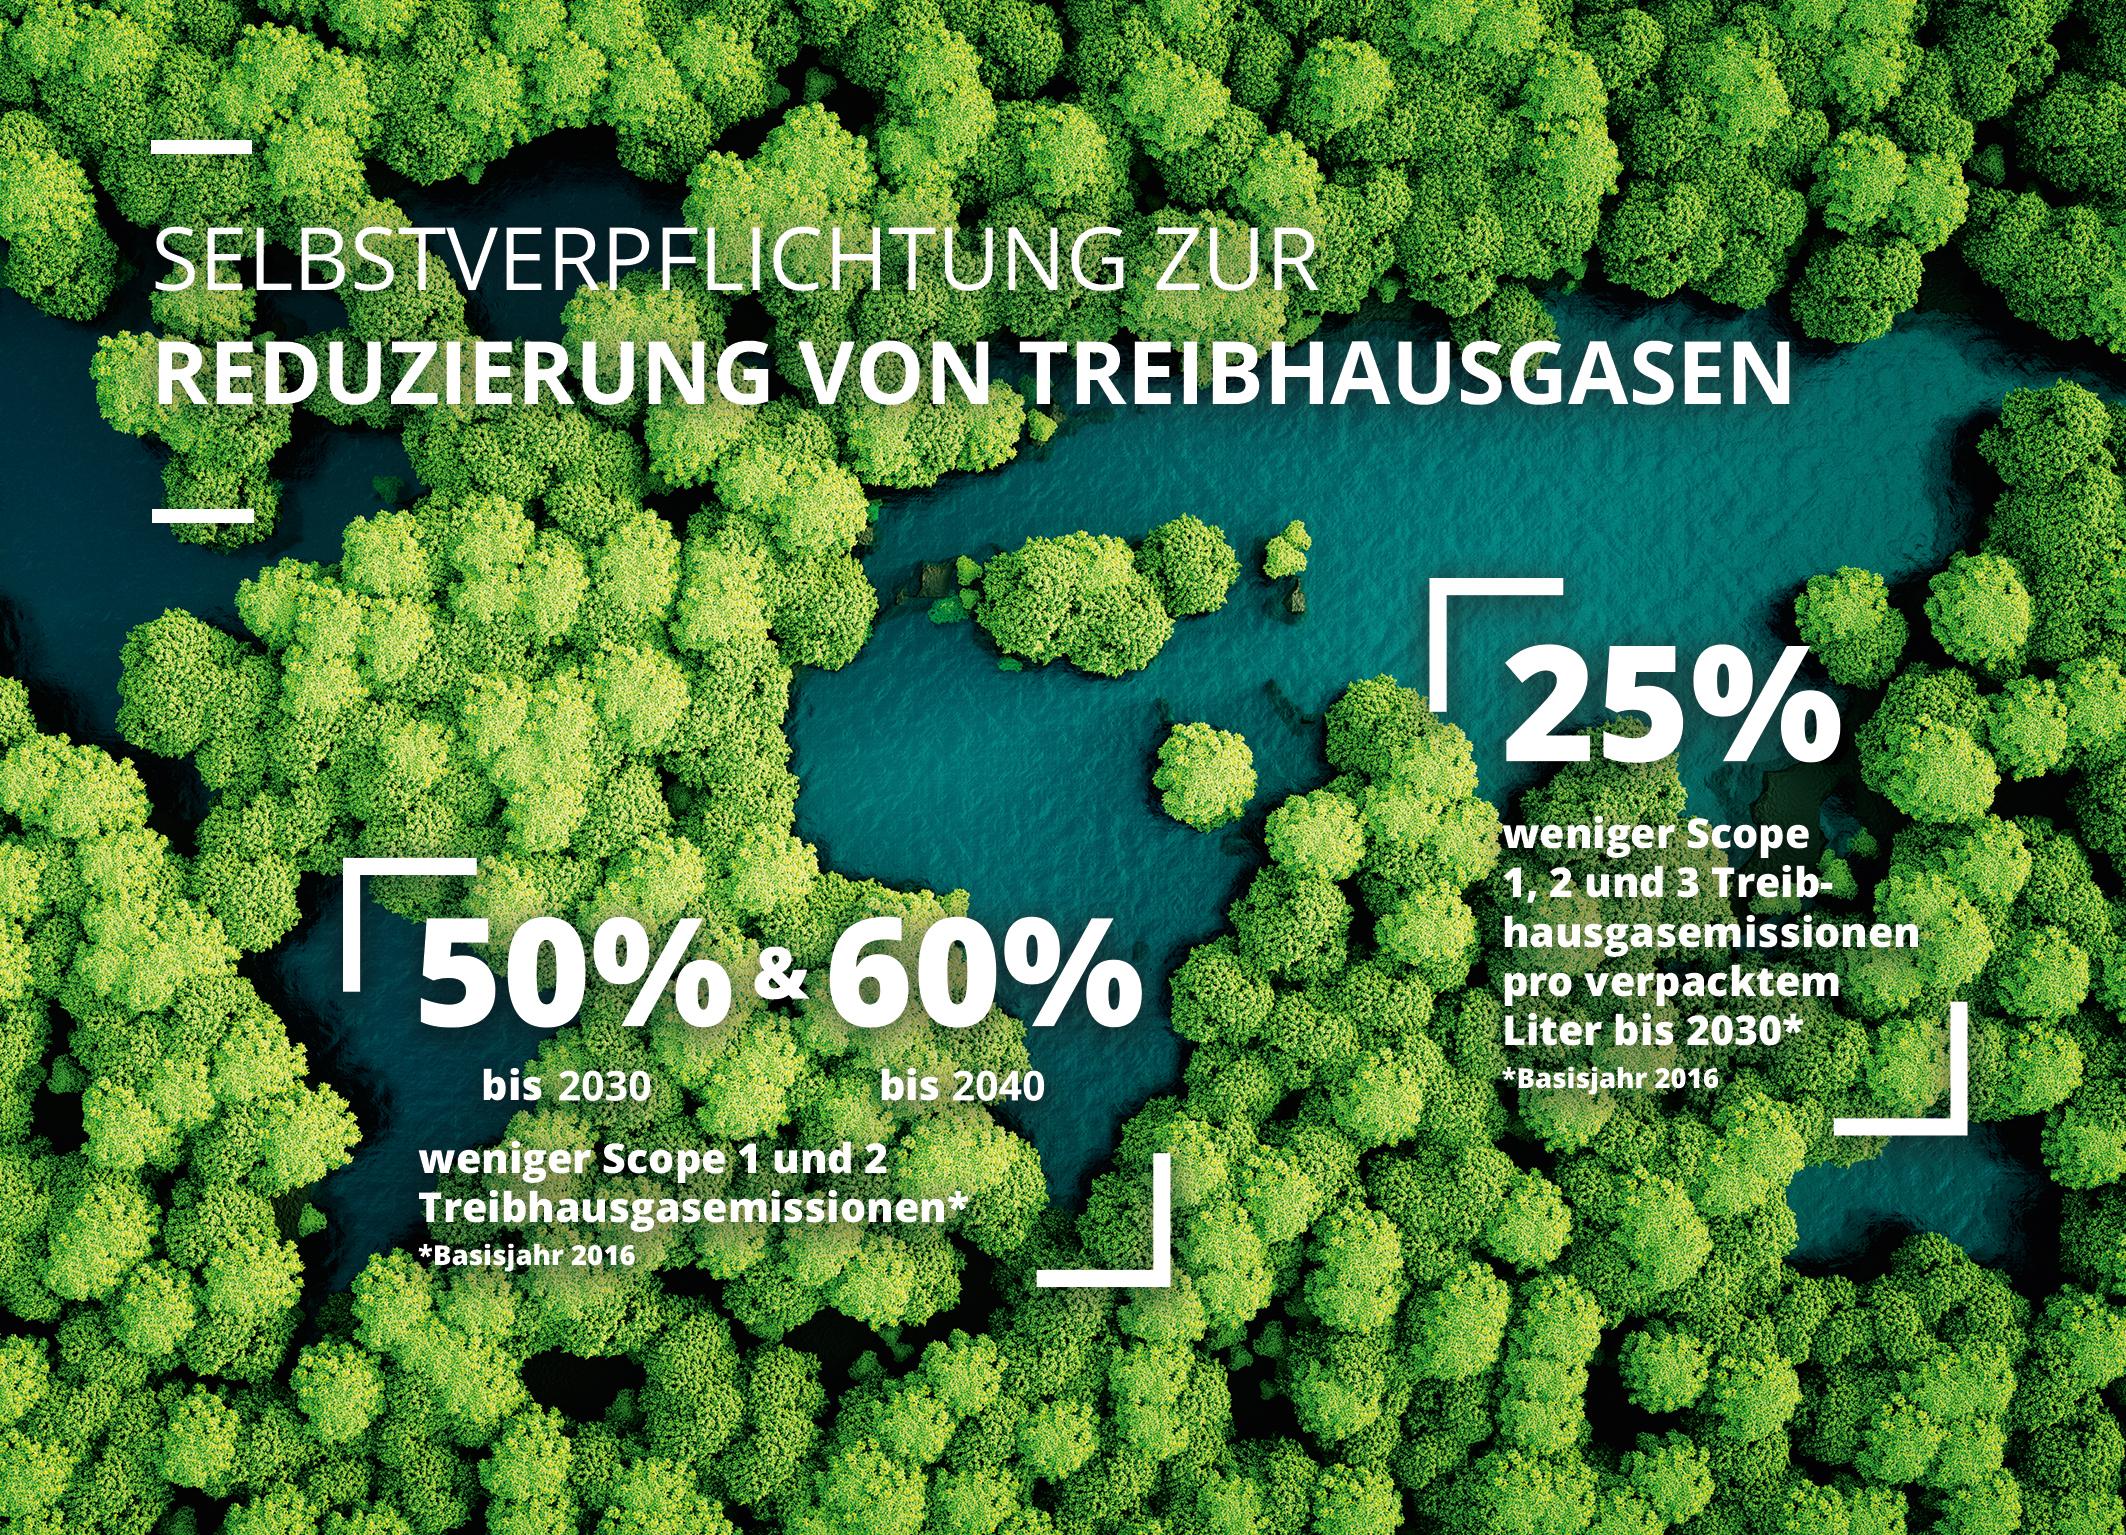 MULTIVAC feiert Eröffnung der neuen Produktionsstätte in Bulgarien